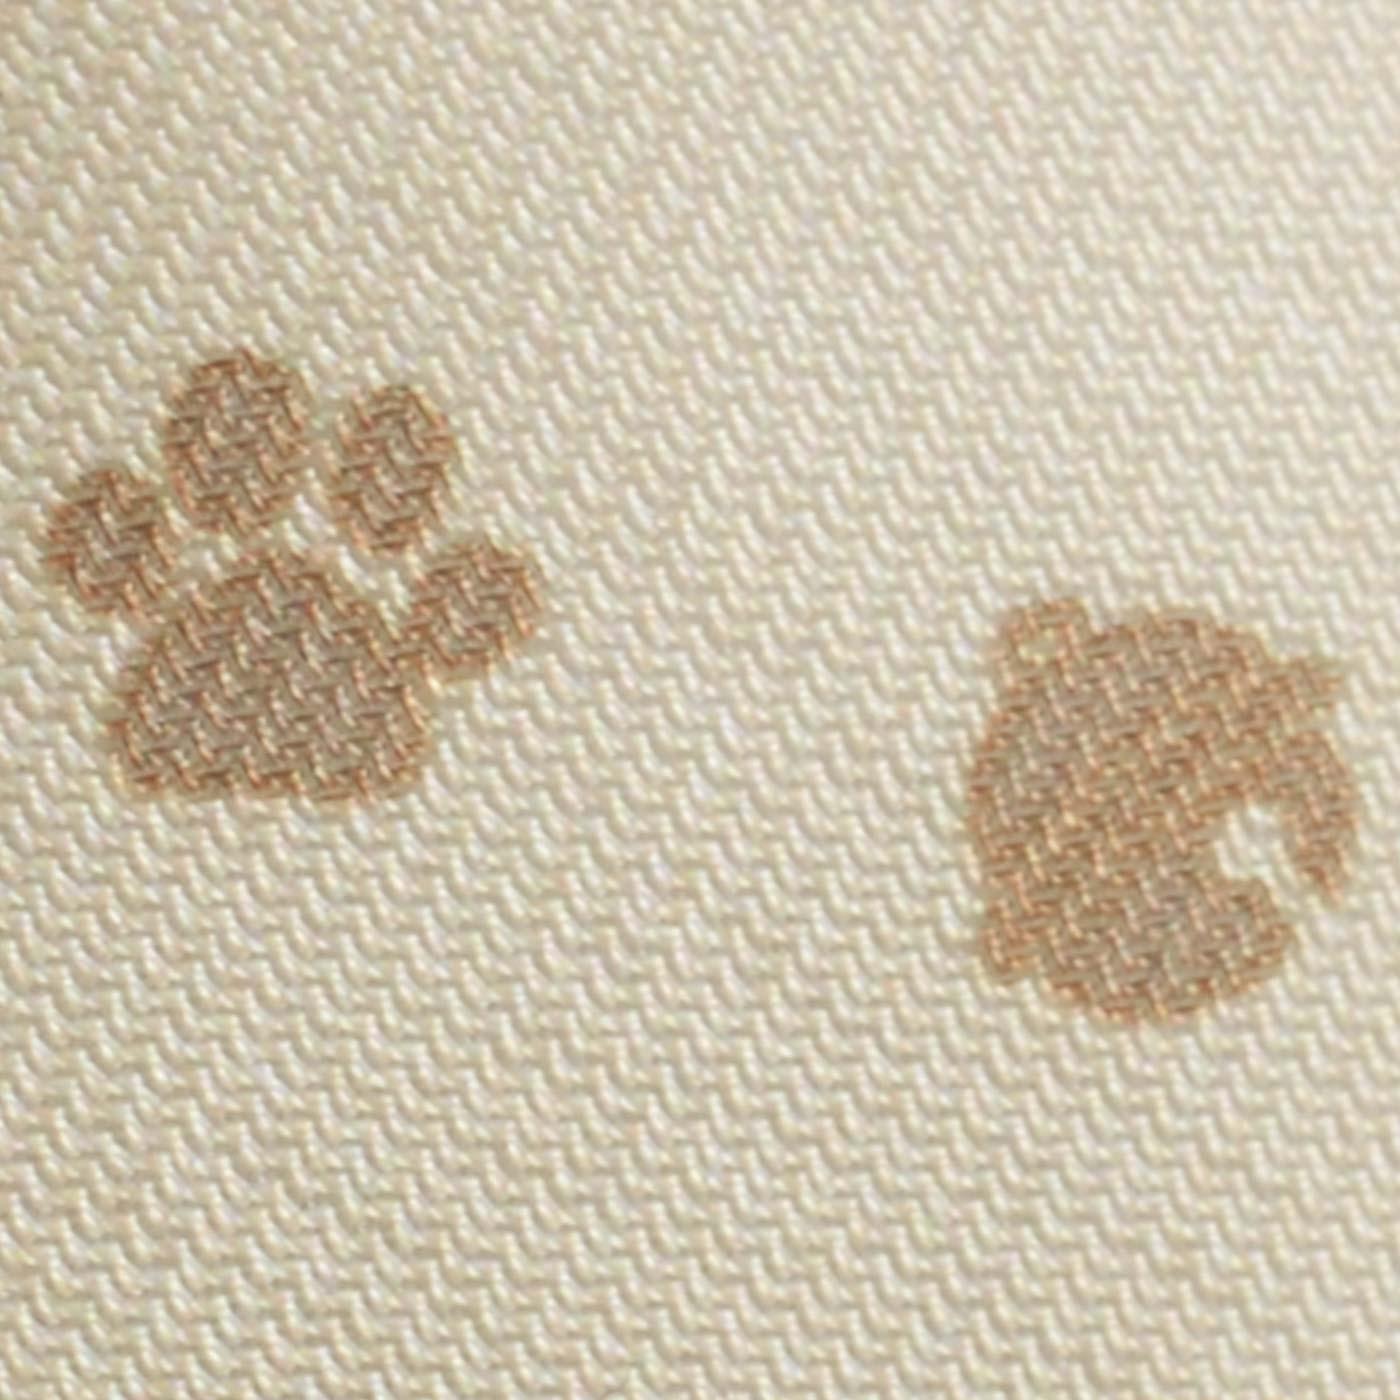 内布も猫の足あと&鈴柄で、ぬかりなくキュート。